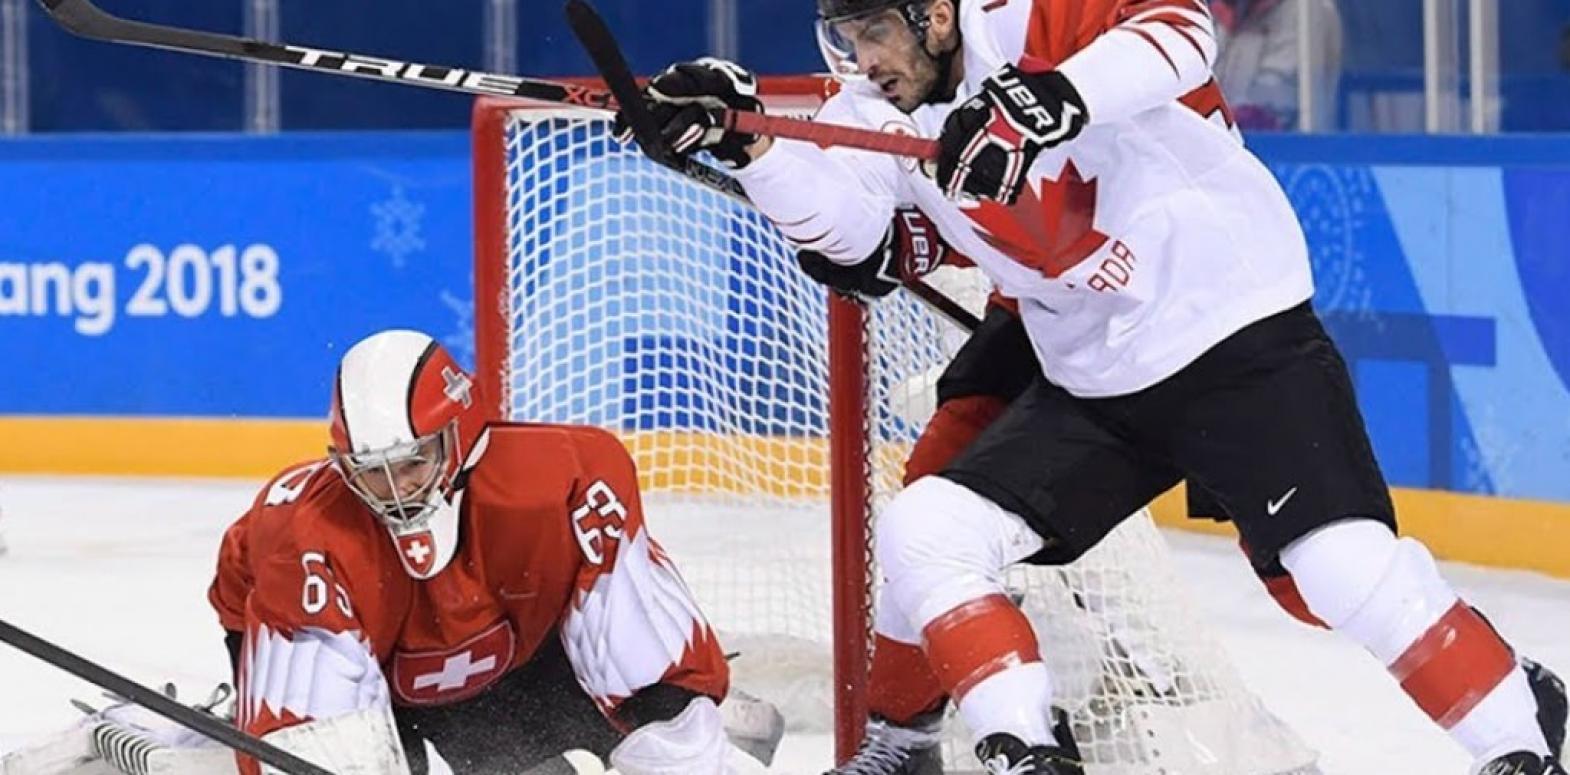 На ЧМ по хоккею Канада взяла верх в напряженном поединке со Швейцарией